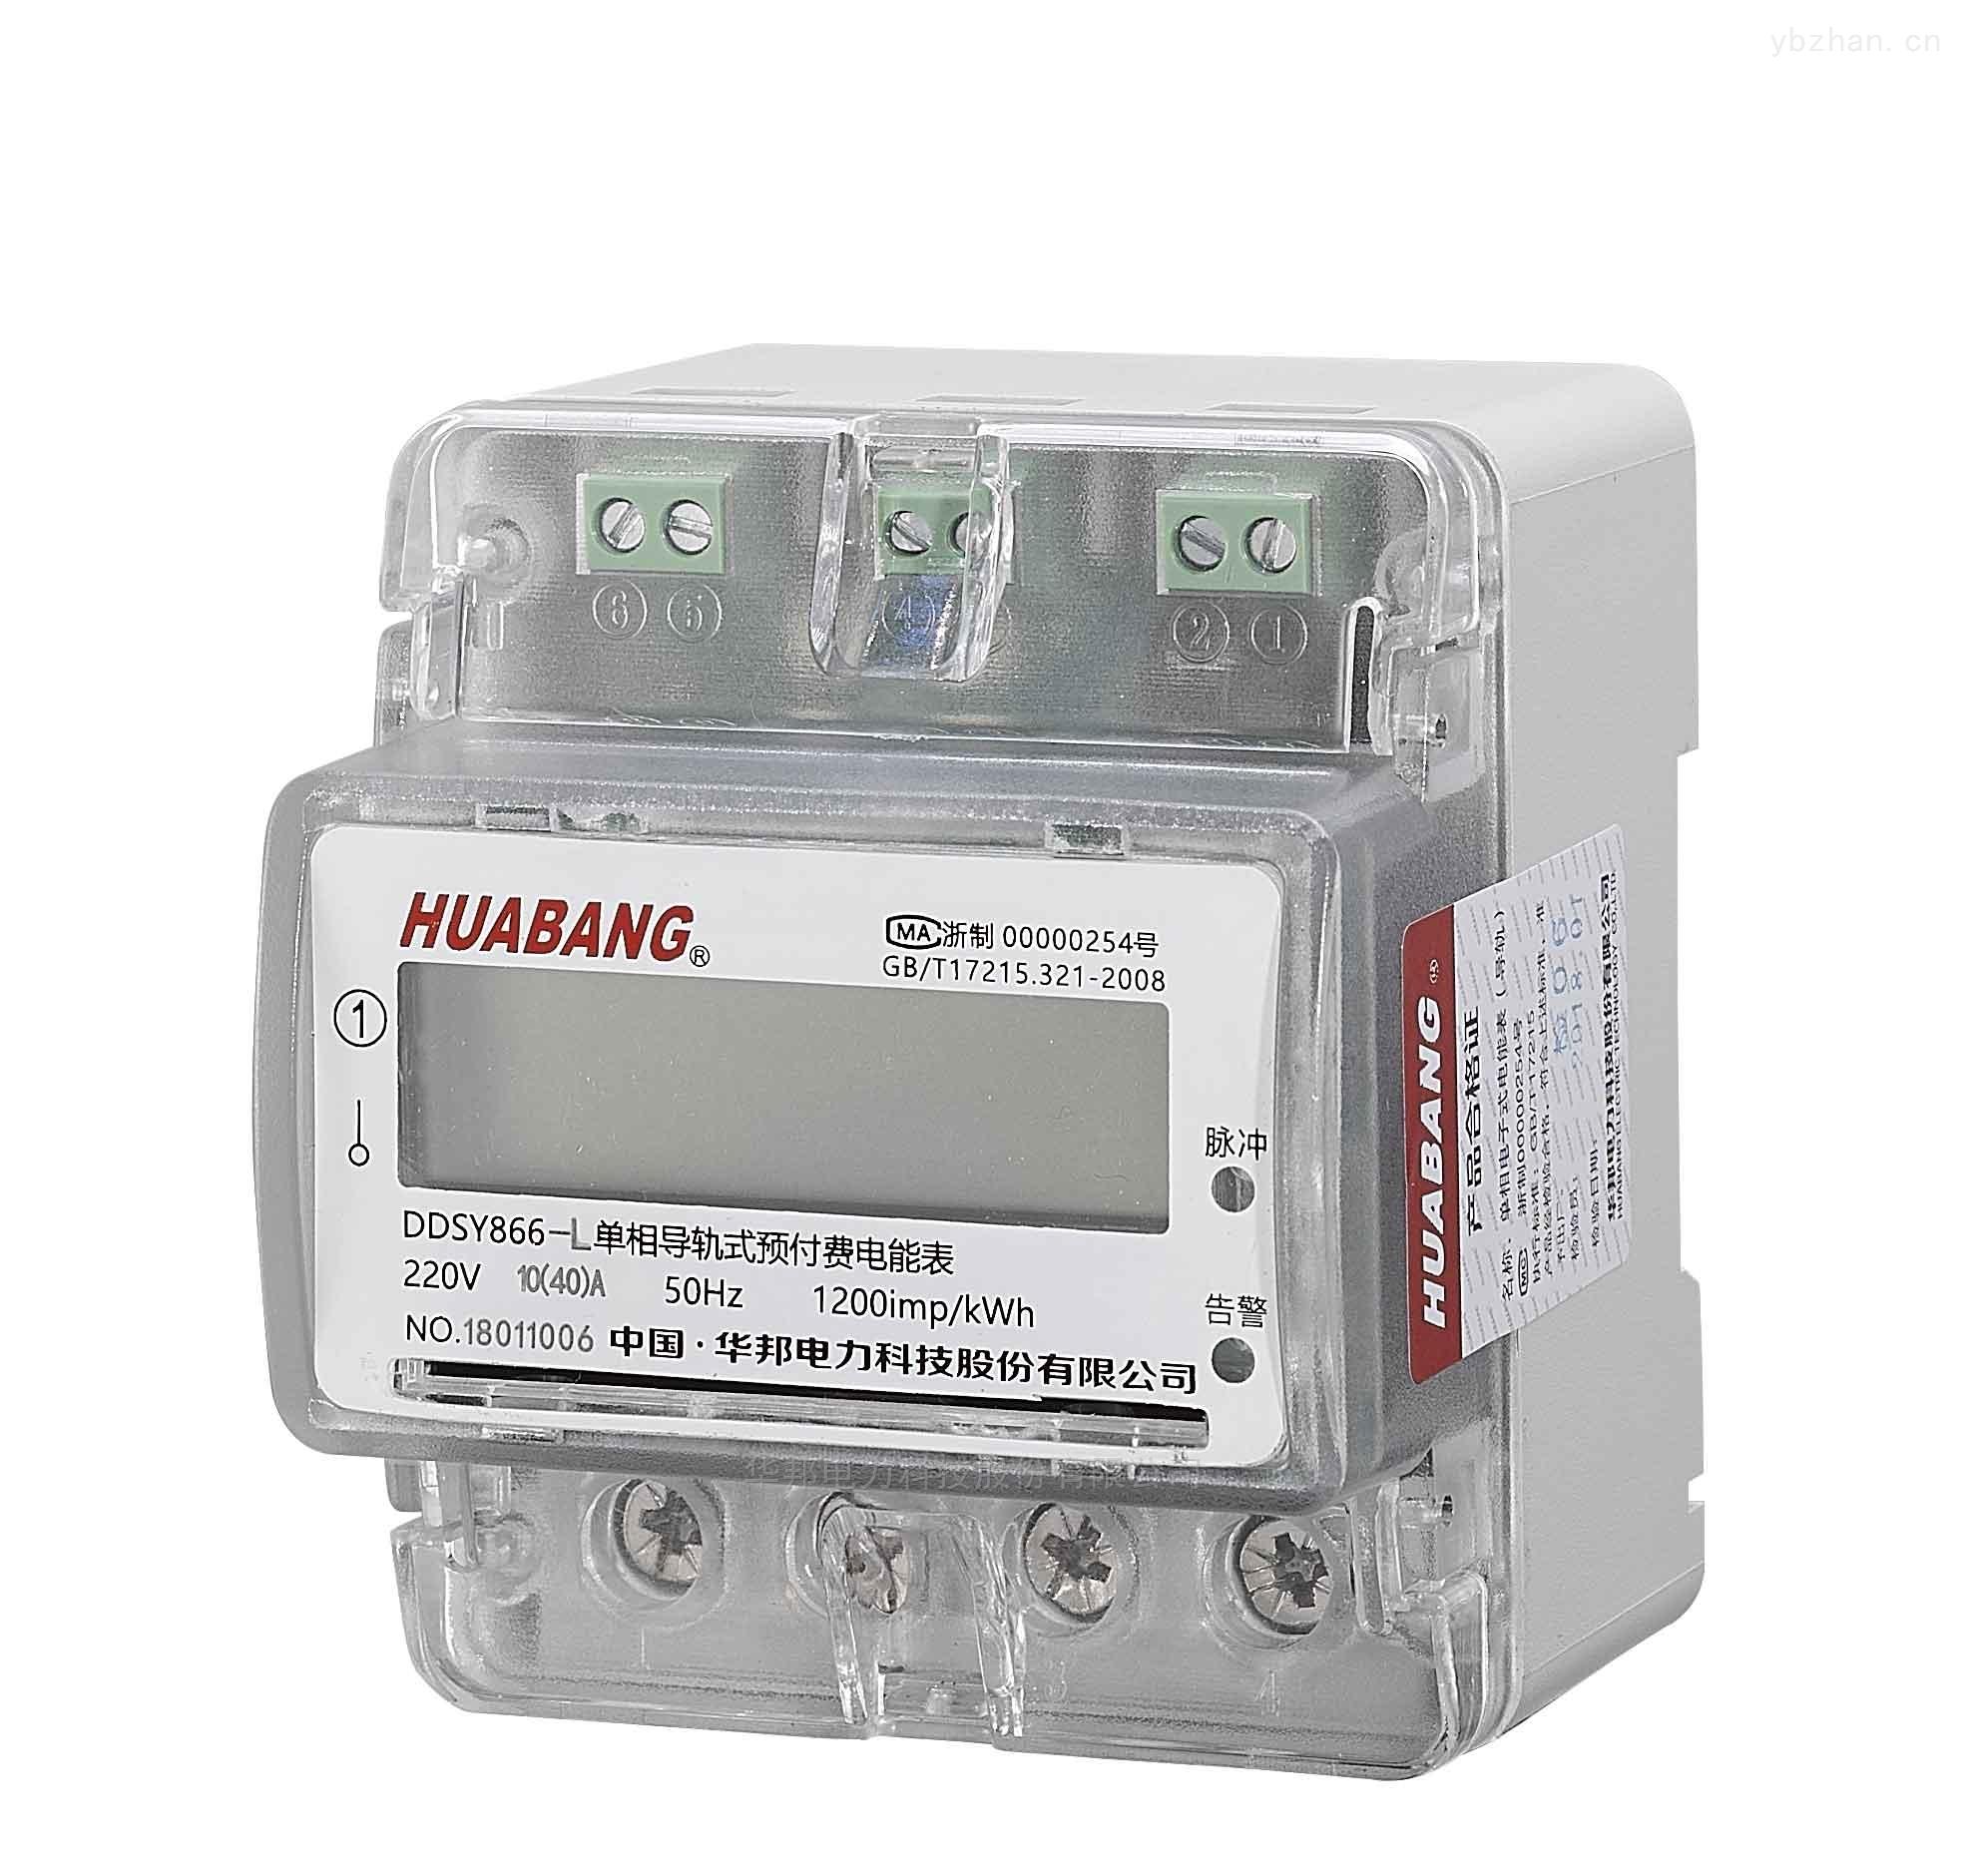 华邦电子有限公司_高端单相导轨式电表(4P)-华邦电力科技股份有限公司